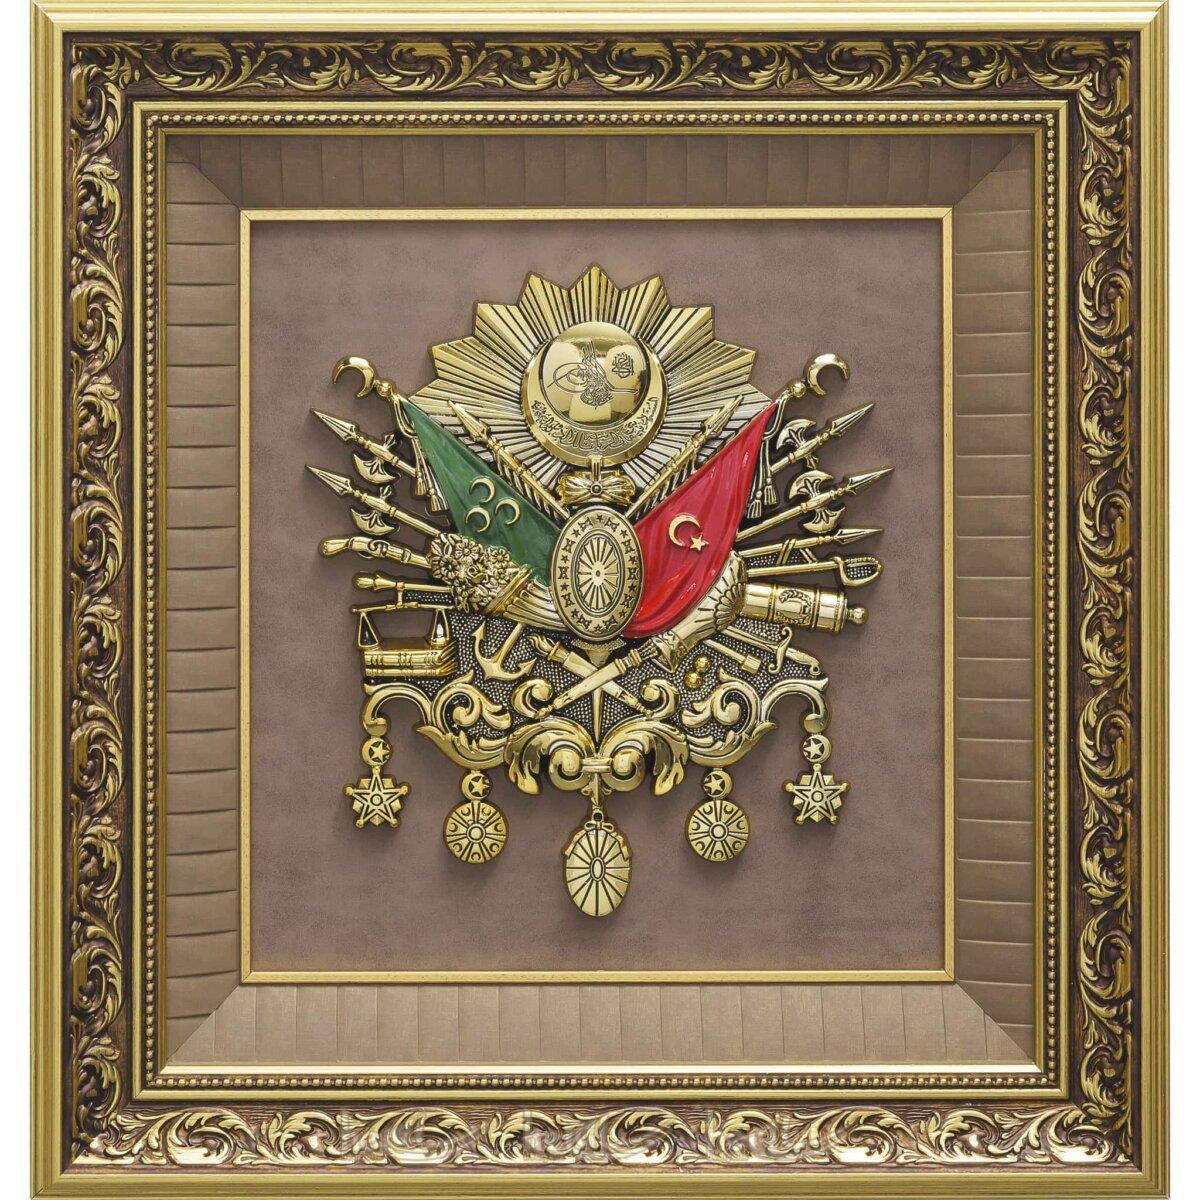 58x61cm Büyük Boy Osmanlı Devlet Arması Kabartma Lüks Çerçeveli Tablo Osmanlı Armaları